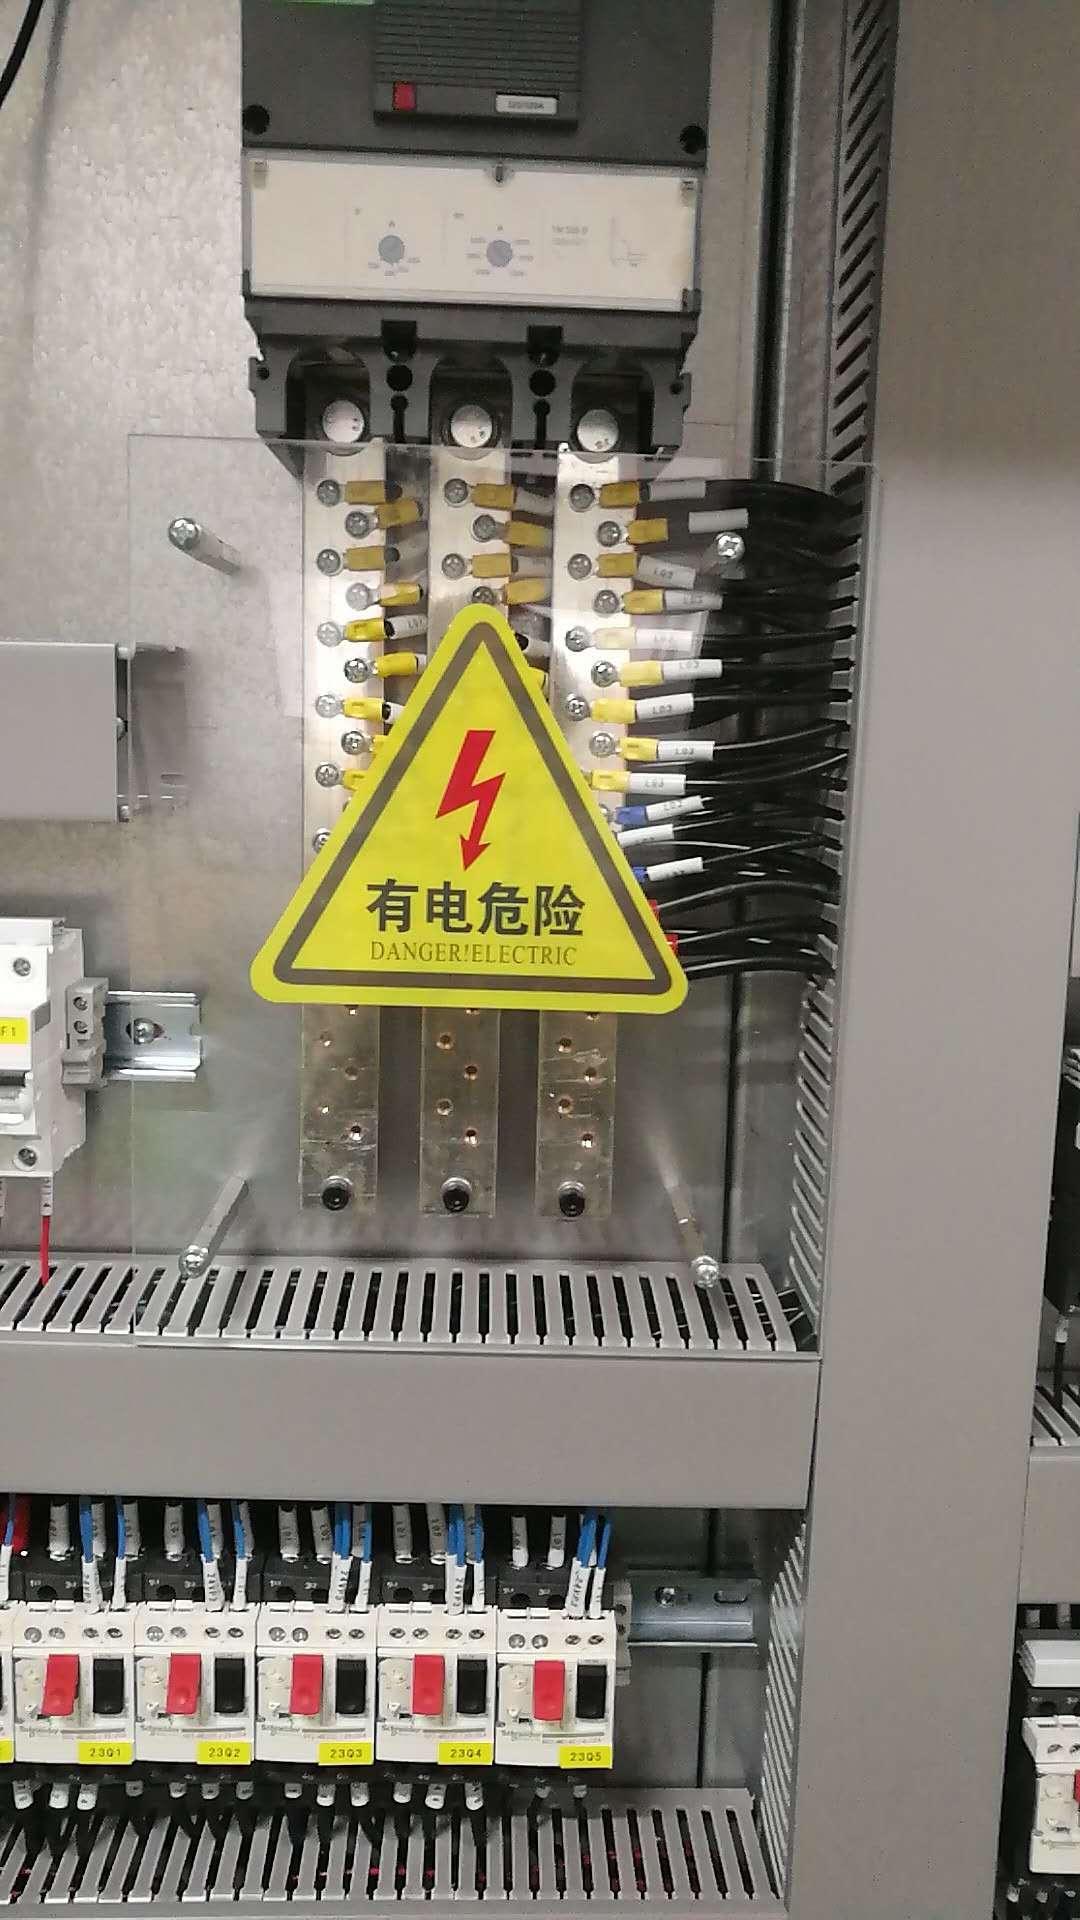 仿威圖機箱機櫃系操作台懸臂附件及配線配盤成套 2